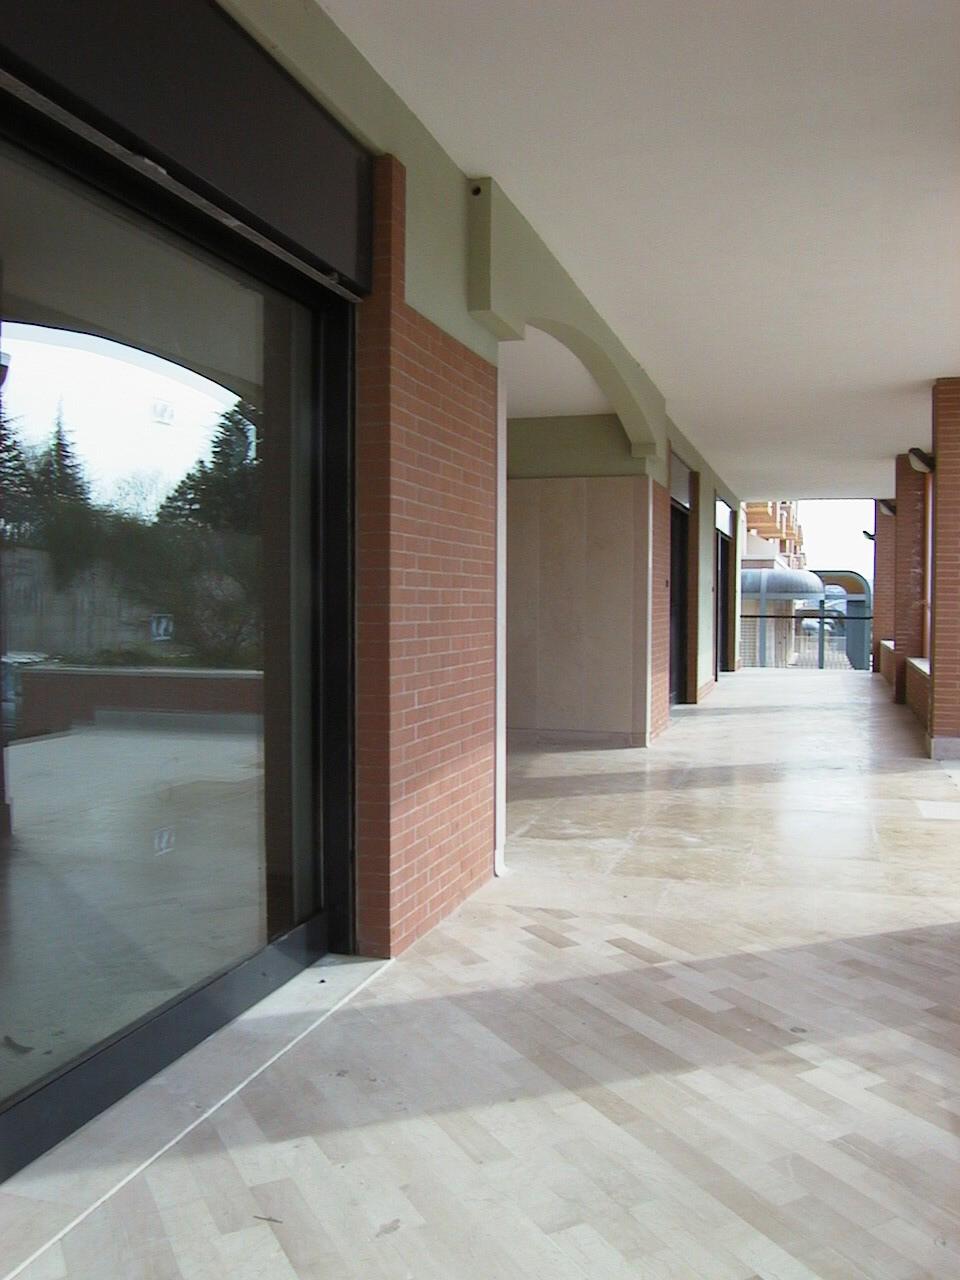 Edifici residenziali studio vitruvio for Progettazione di edifici residenziali